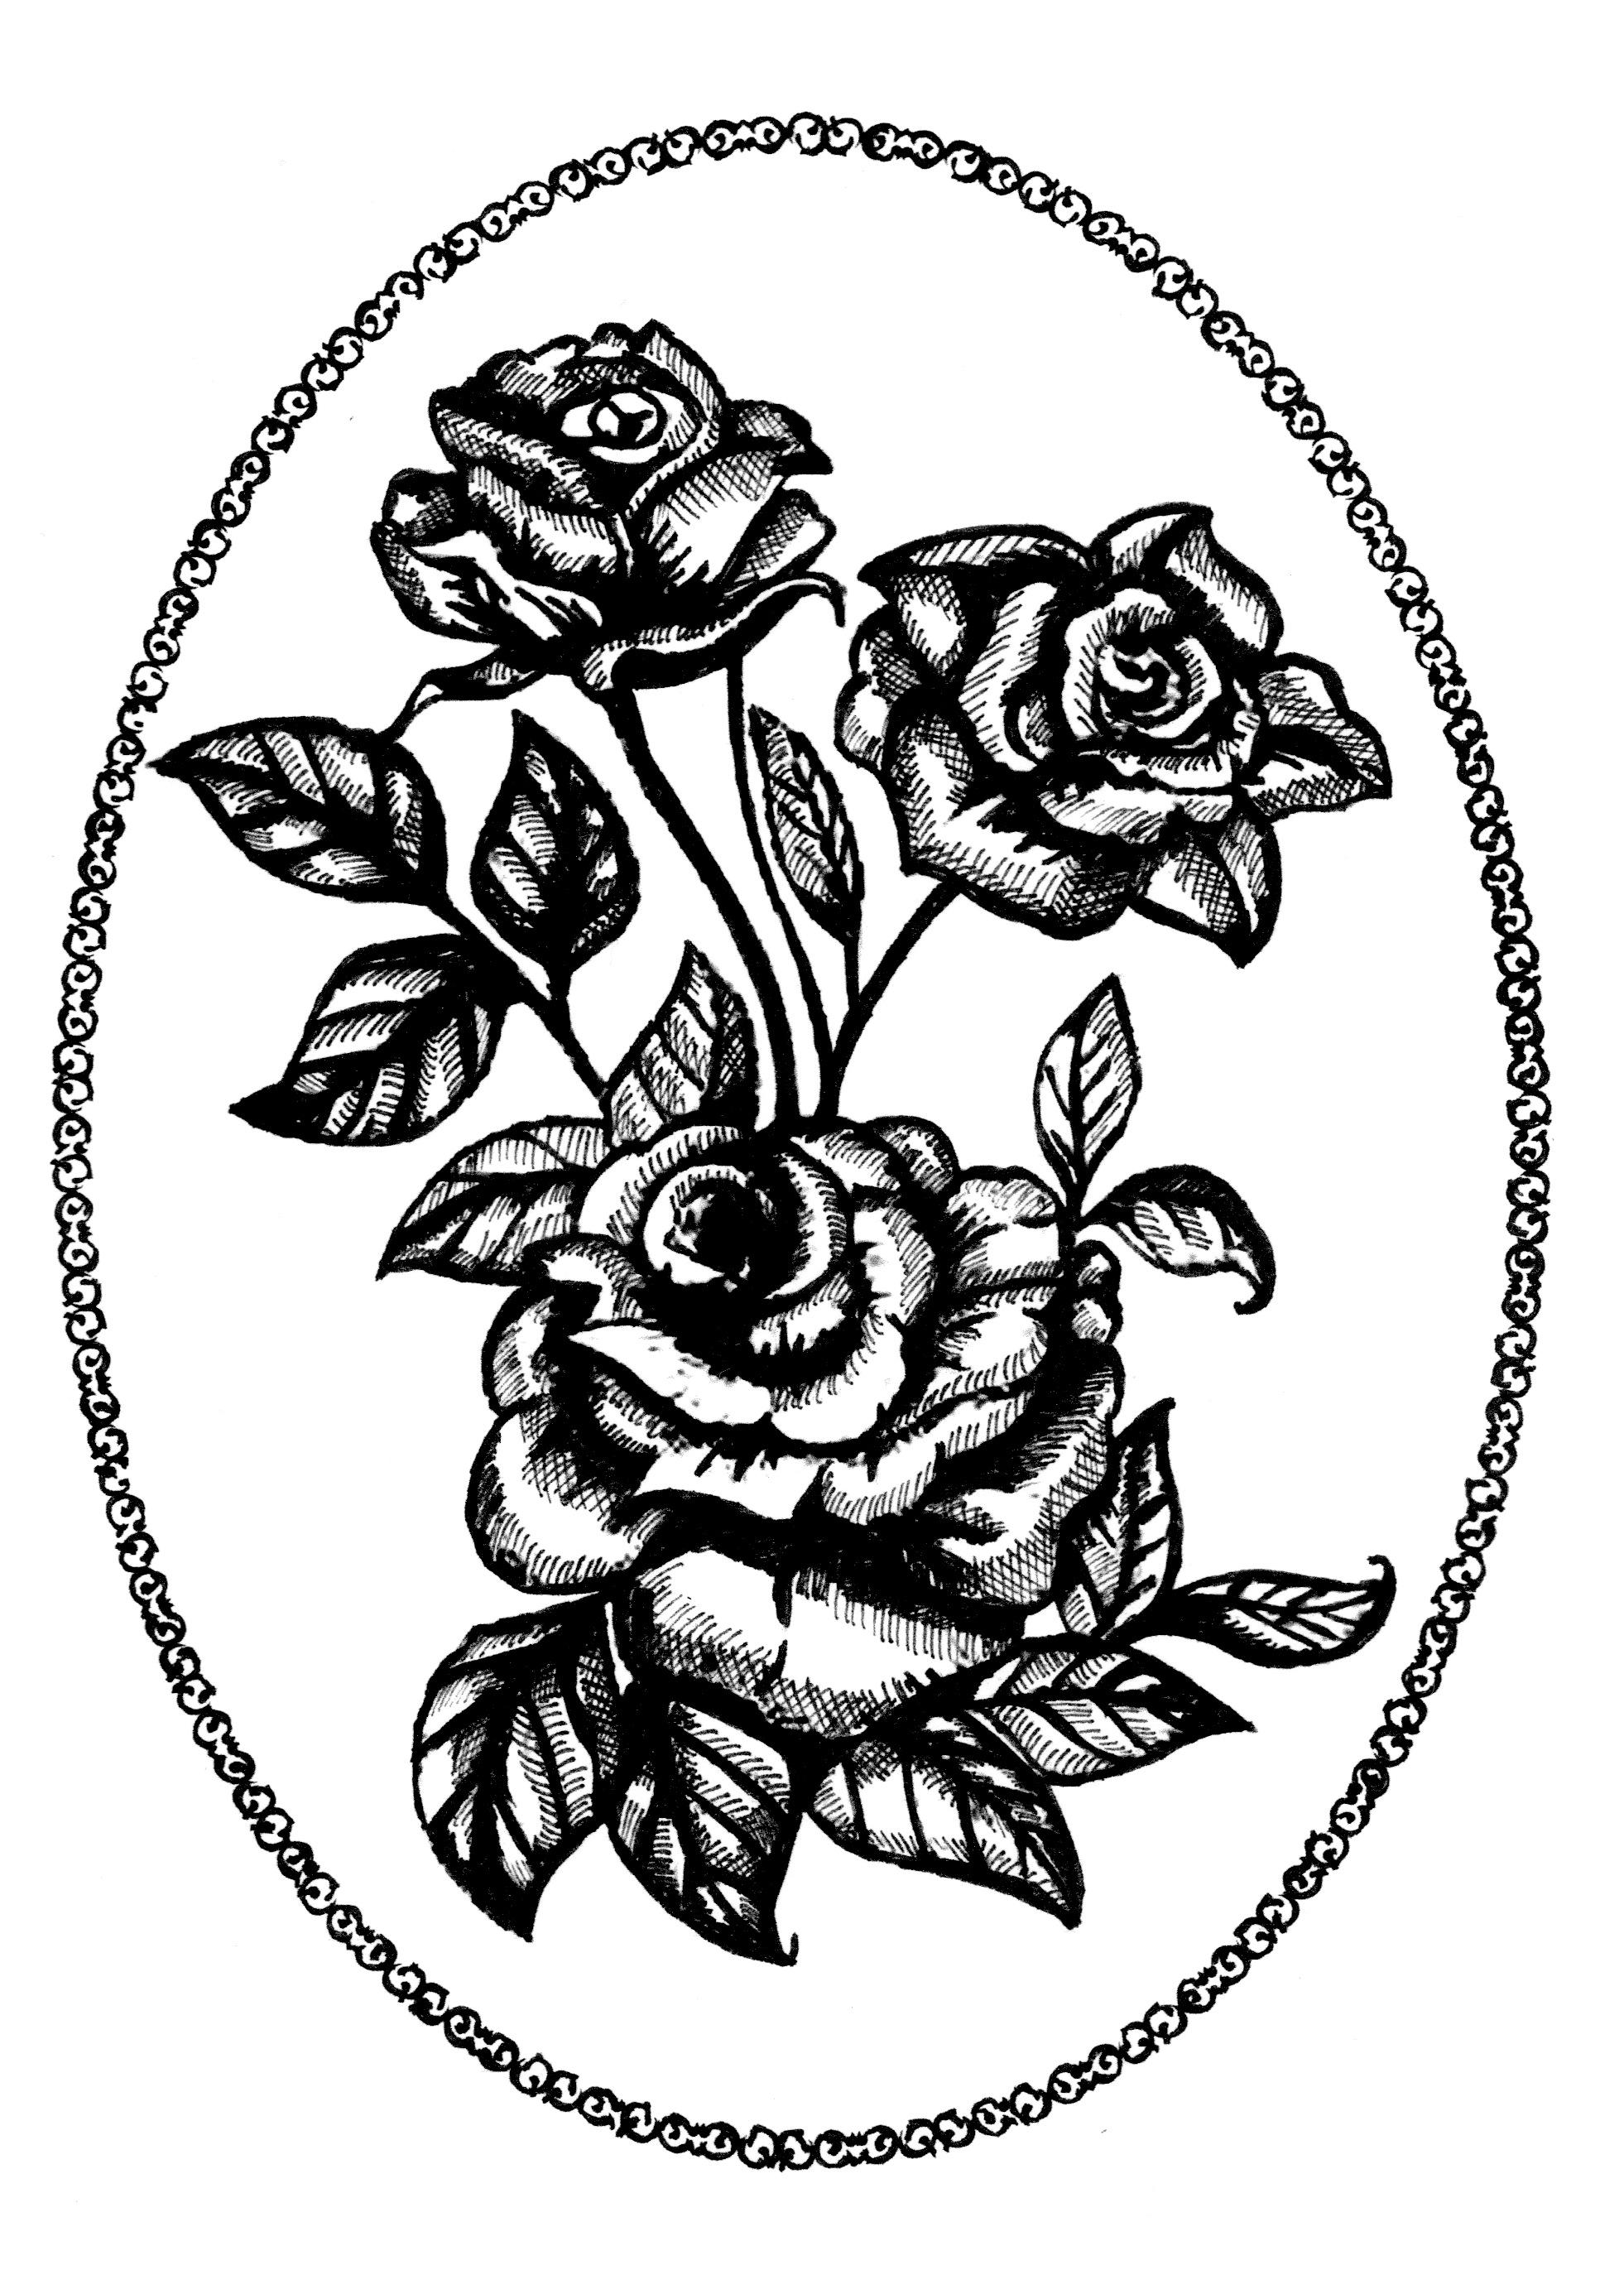 1962x2771 Screen Printingpaper Cut Ideas Kerry Hoult Graphic Design